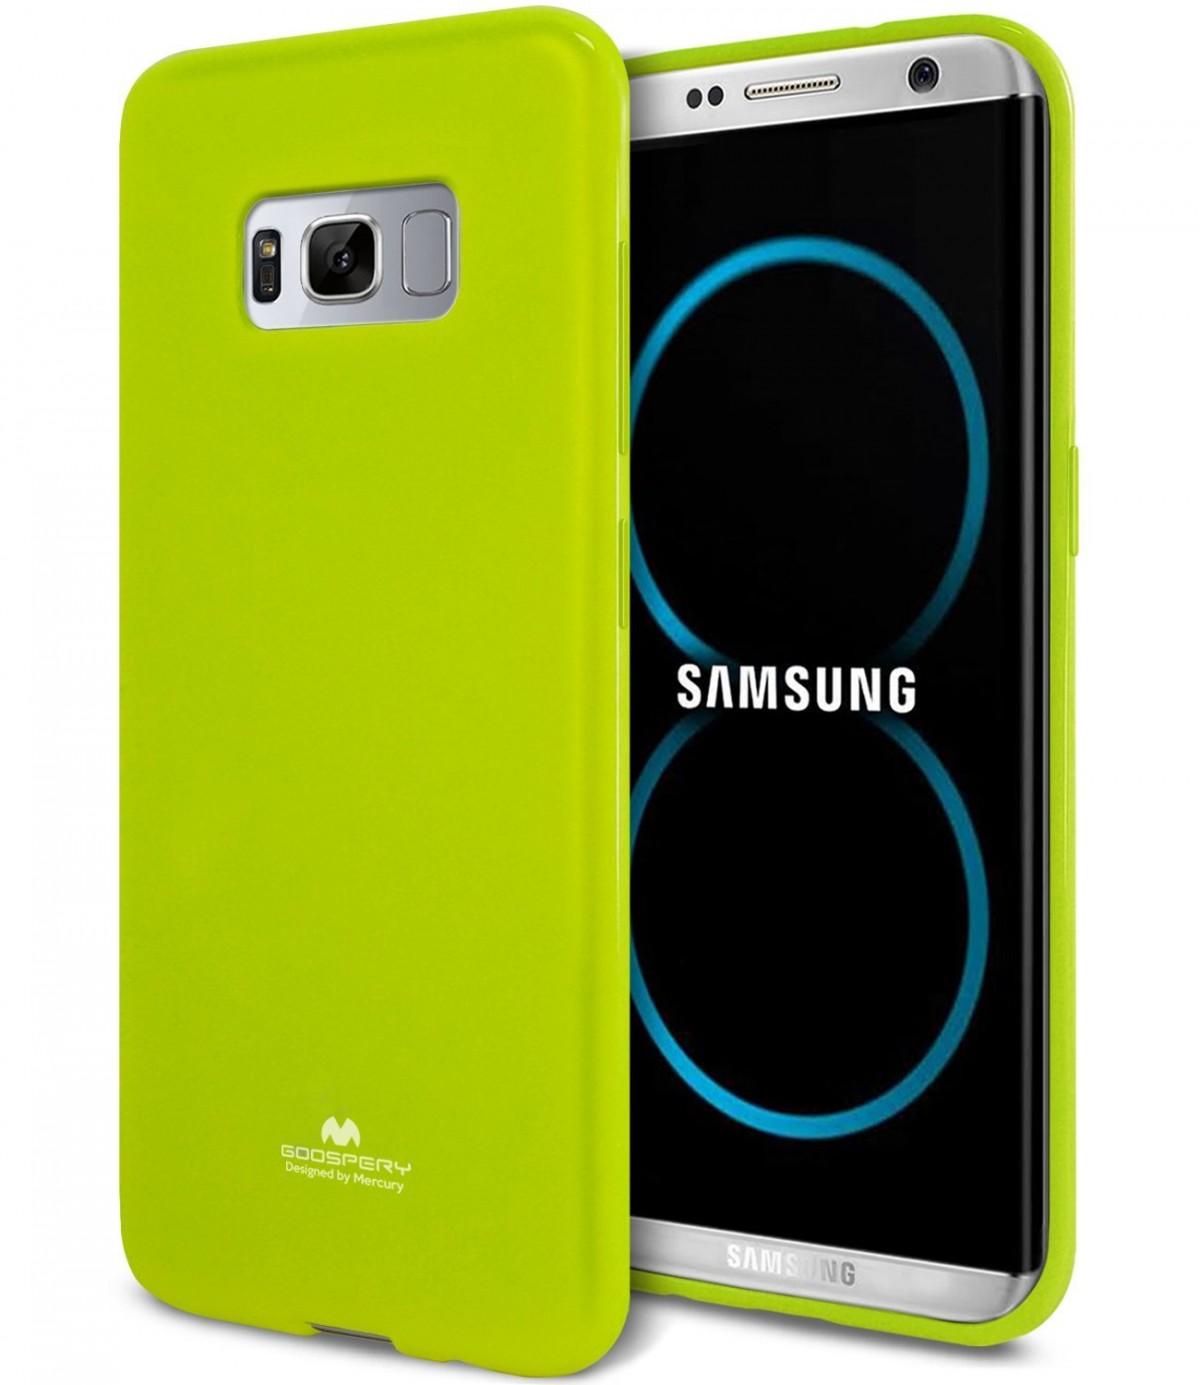 Silikonový barevný obal / kryt Goospery Mercury pro Samsung Galaxy S8 - Jelly Case - Limetkový